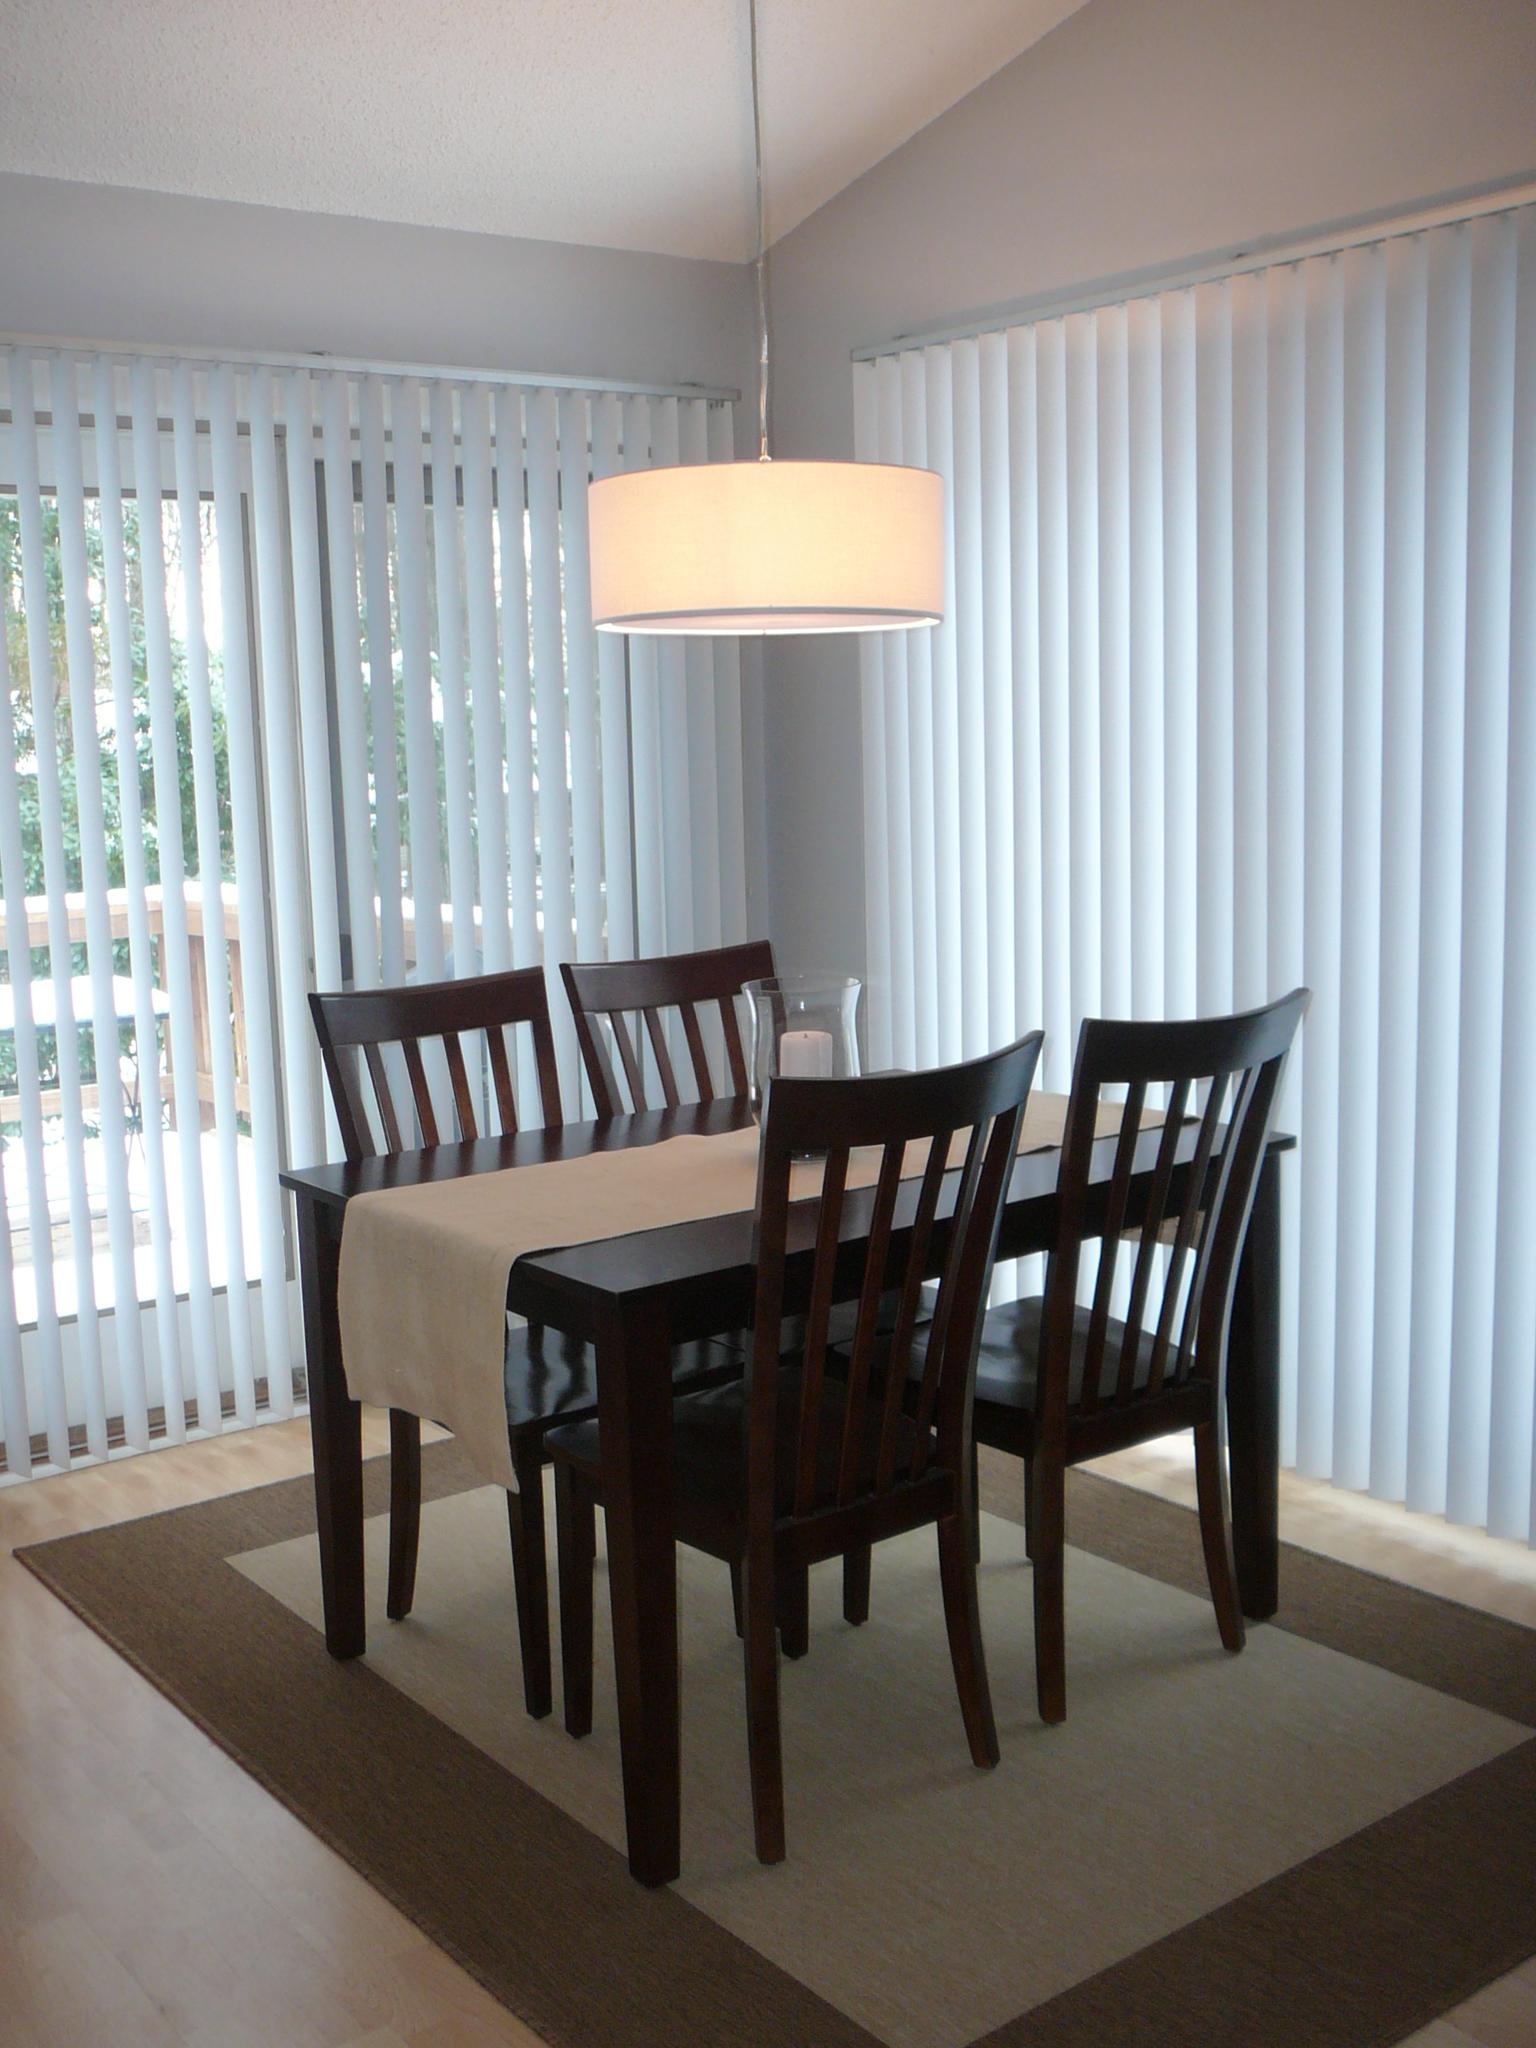 ikea-spisebord-formen-ikea-spisning-værelse-table-ikea-spisning-værelse-table-spisning-værelse-foto-ikea-spisning-værelse-bord